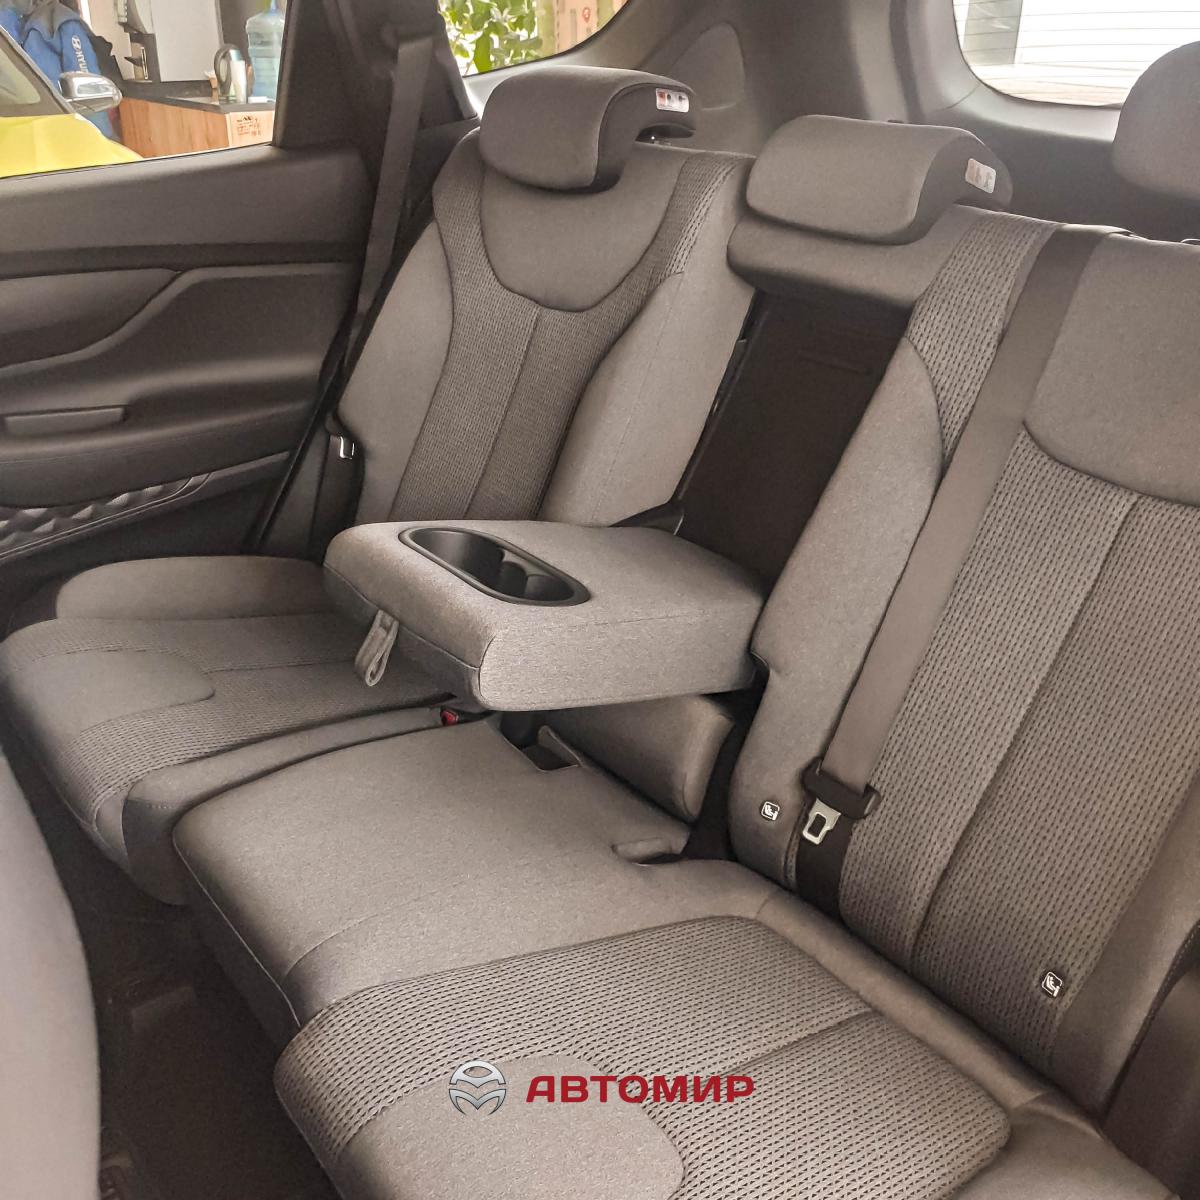 Теплі функції автомобілів Hyundai | Богдан-Авто - фото 9